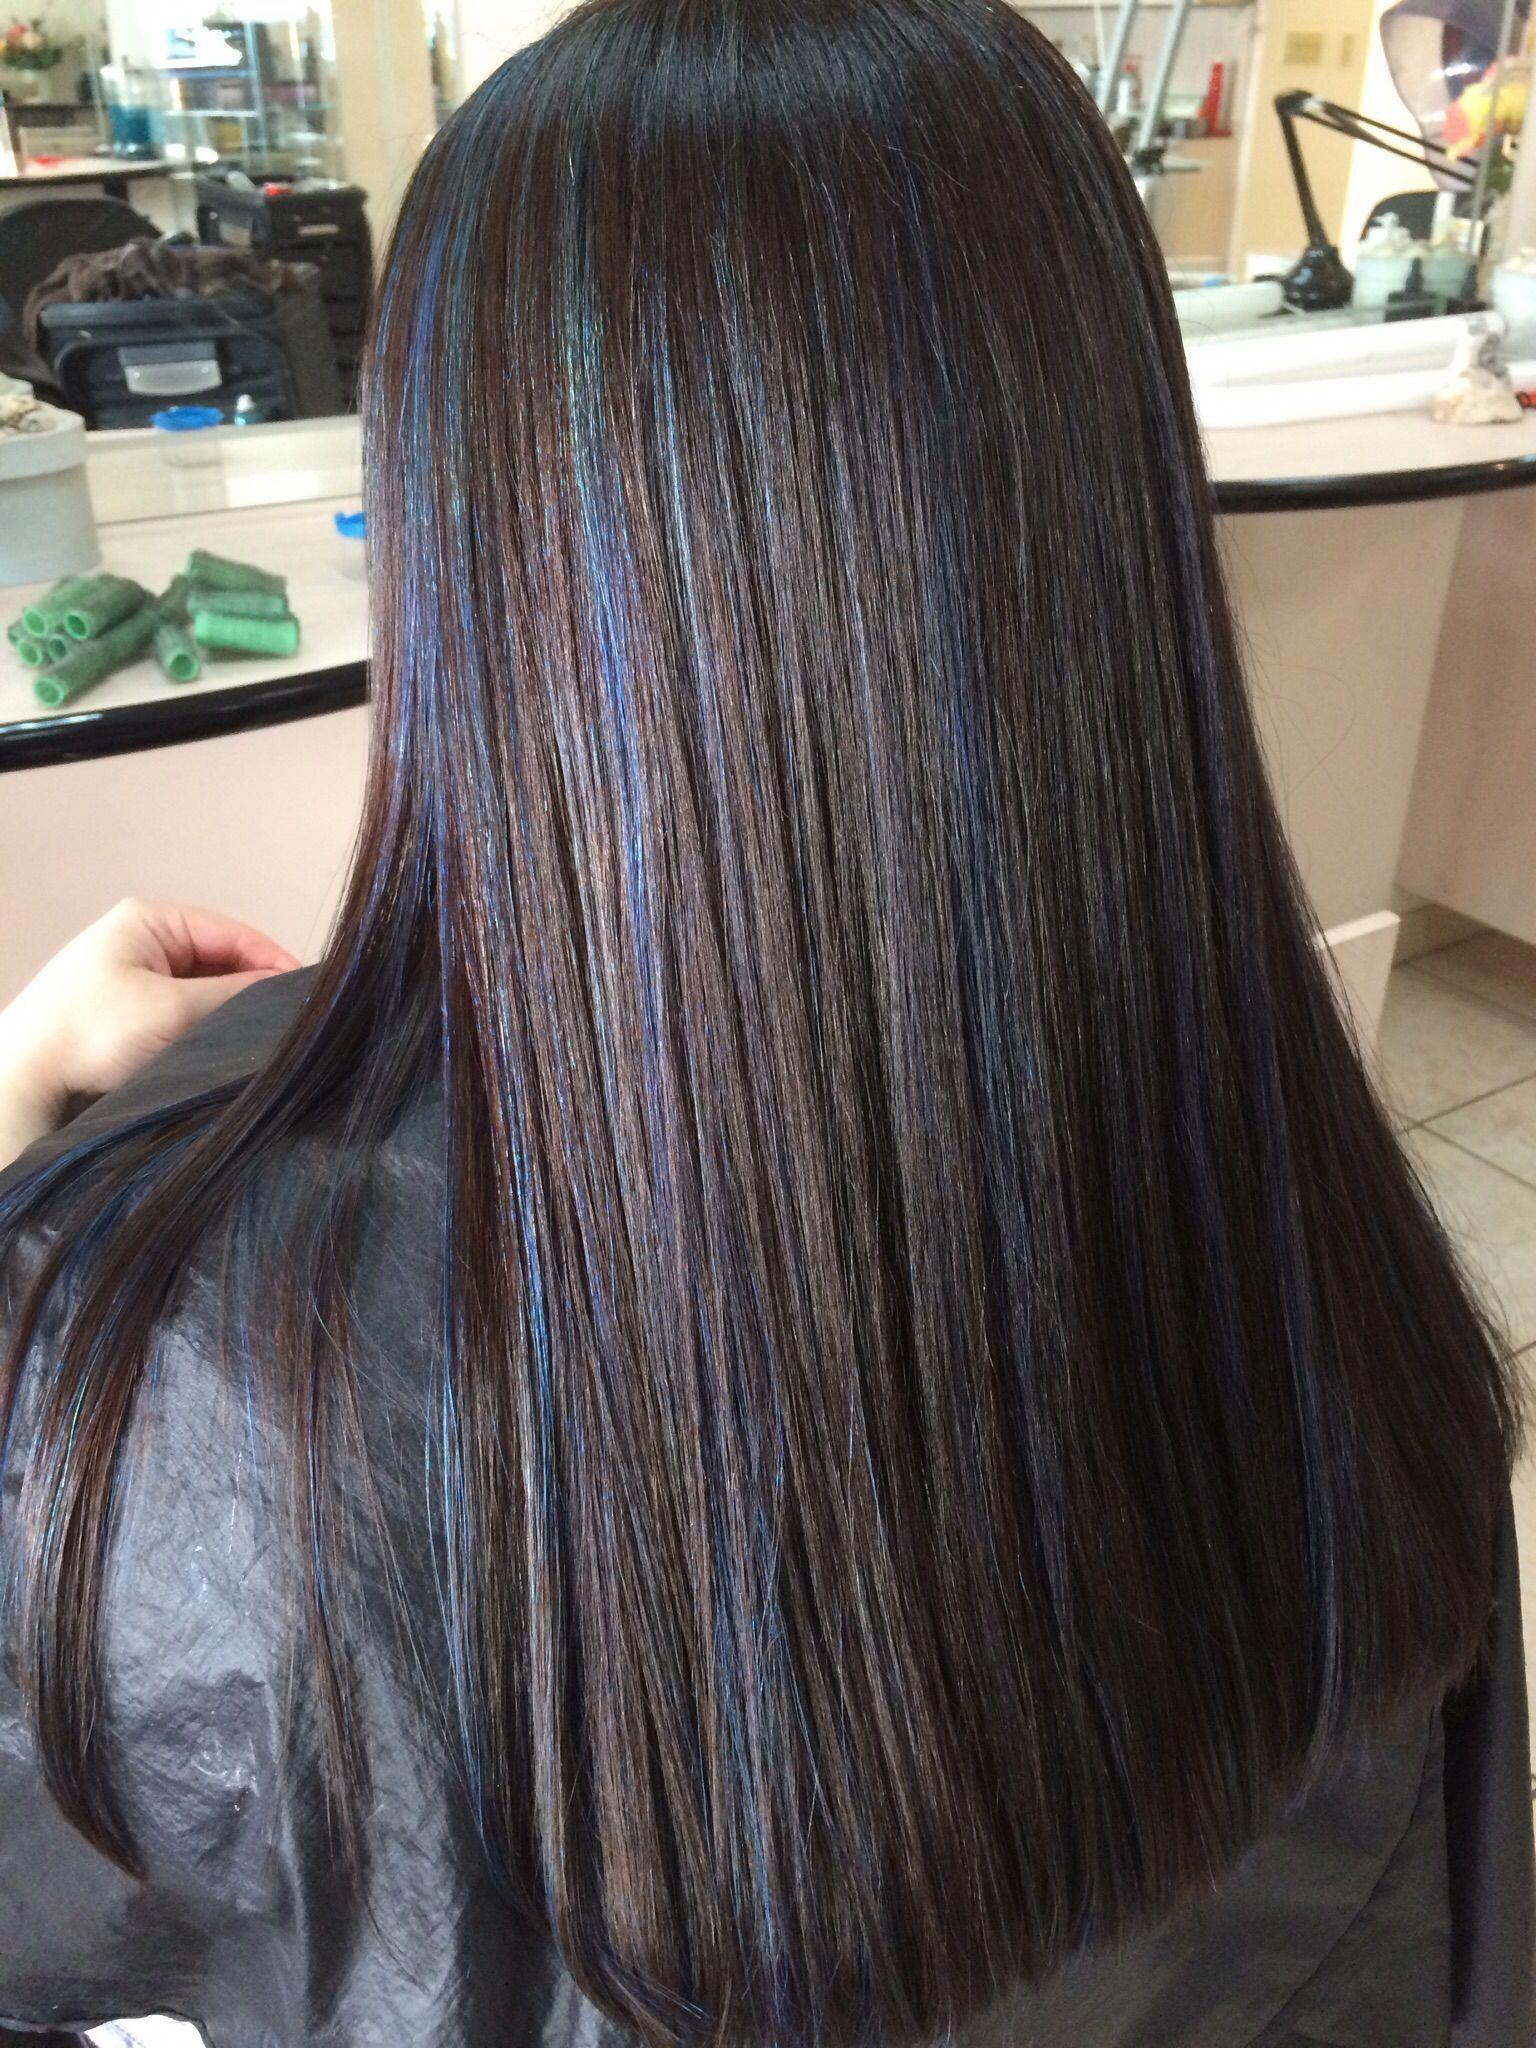 Dark Brown Hair With Blue Highlights Hair Ideas In 2019 Blue Hair Hairstyles Darkbrownha In 2020 Blue Hair Highlights Brown Hair Blue Highlights Blue Brown Hair